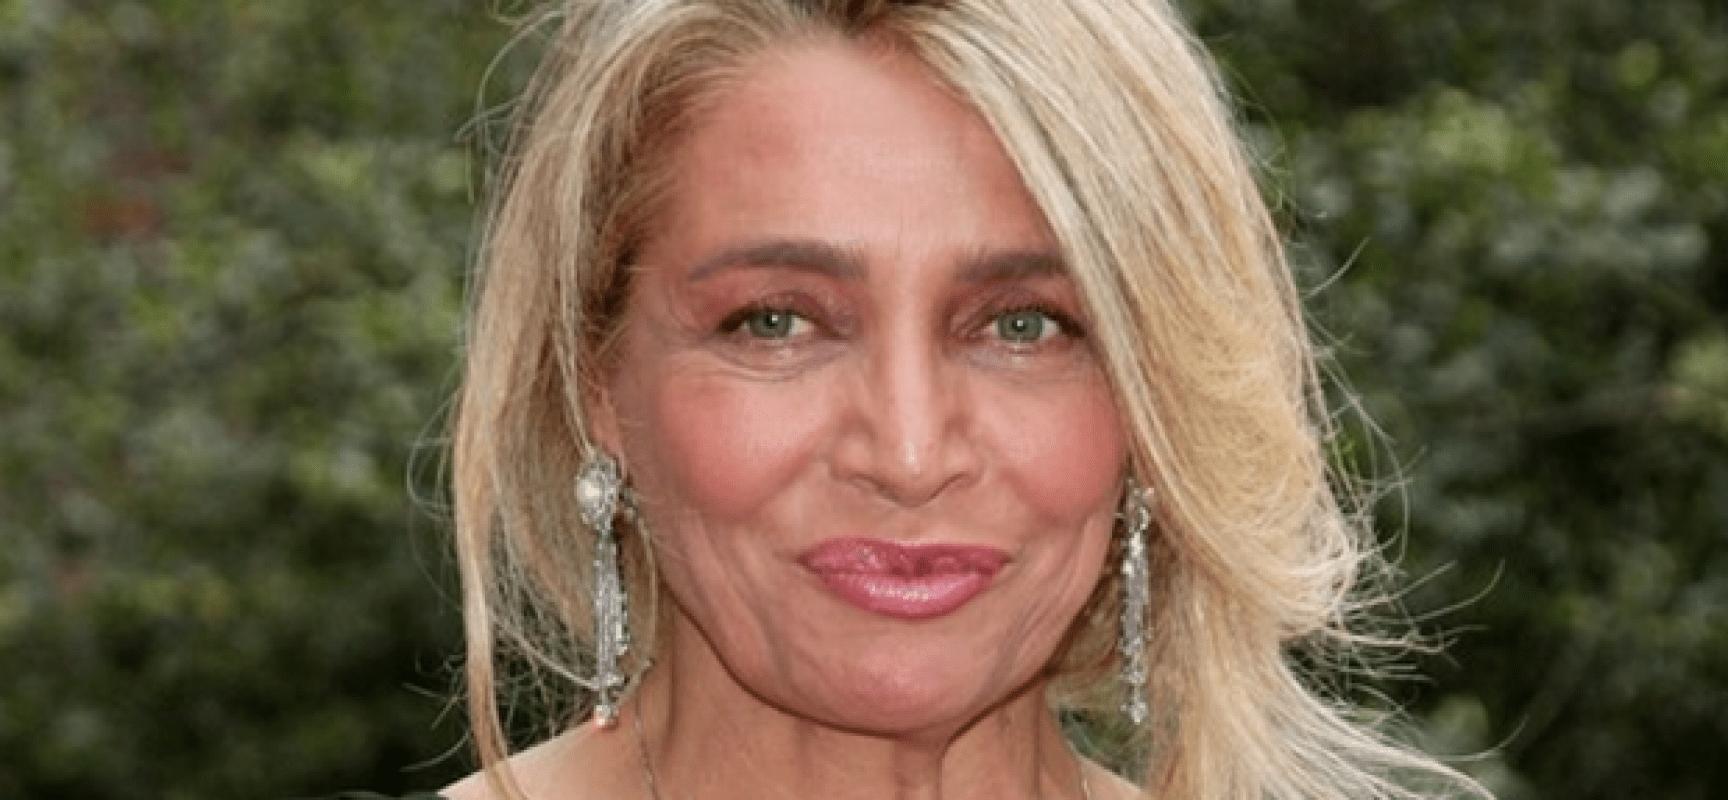 Mara Venier, le critiche alla Rai e l'amore per Maria De Filippi: la conduttrice tifa Mediaset